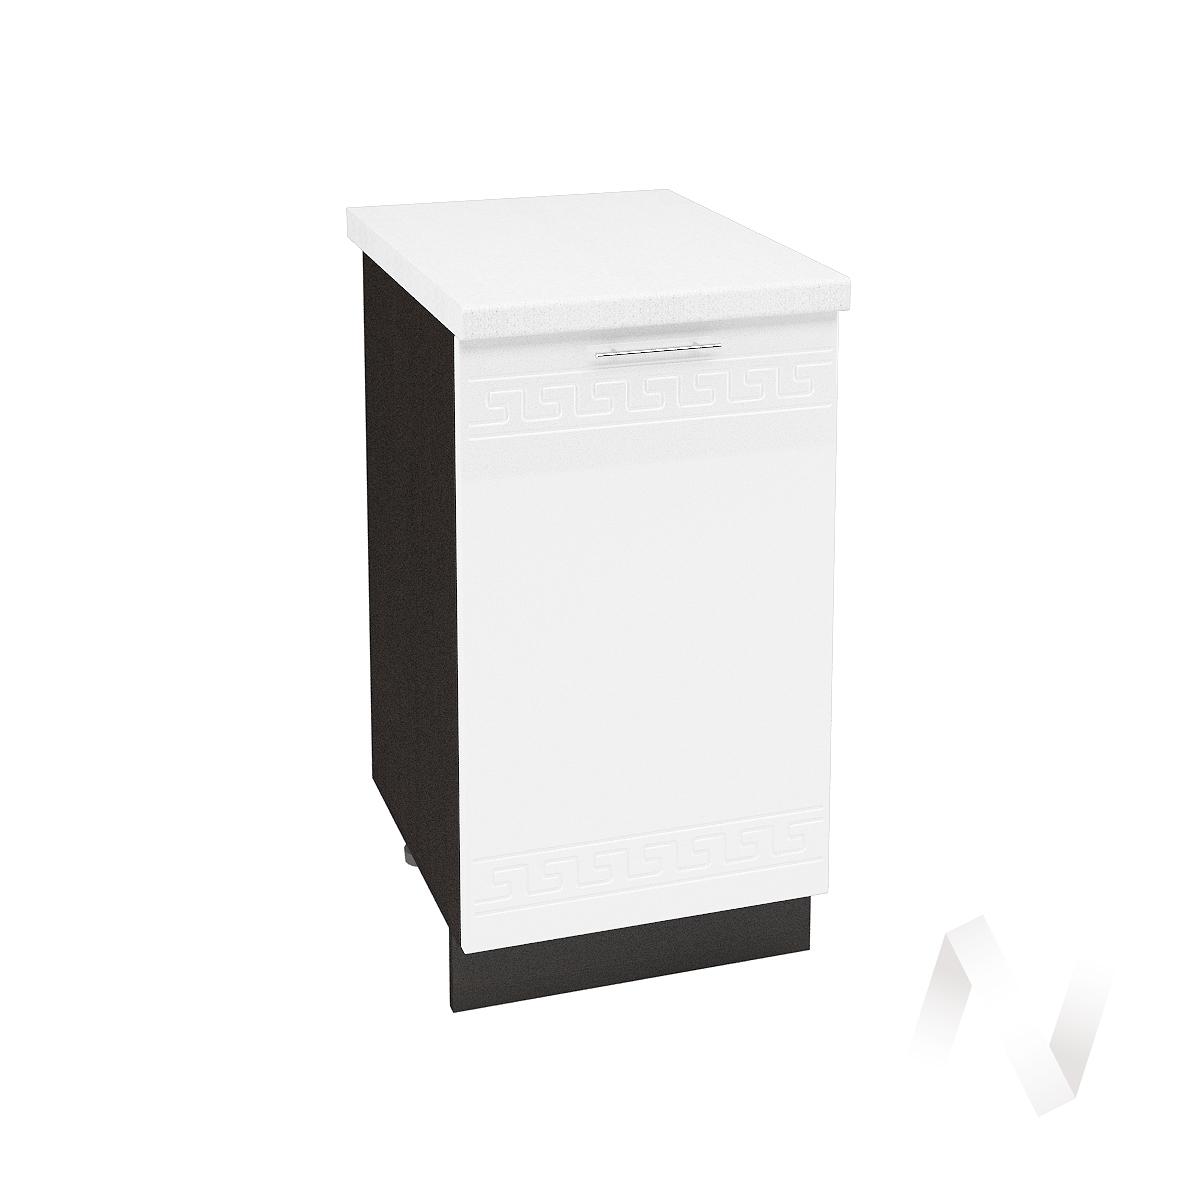 """Кухня """"Греция"""": Шкаф нижний 450, ШН 450 (белый металлик/корпус венге)"""